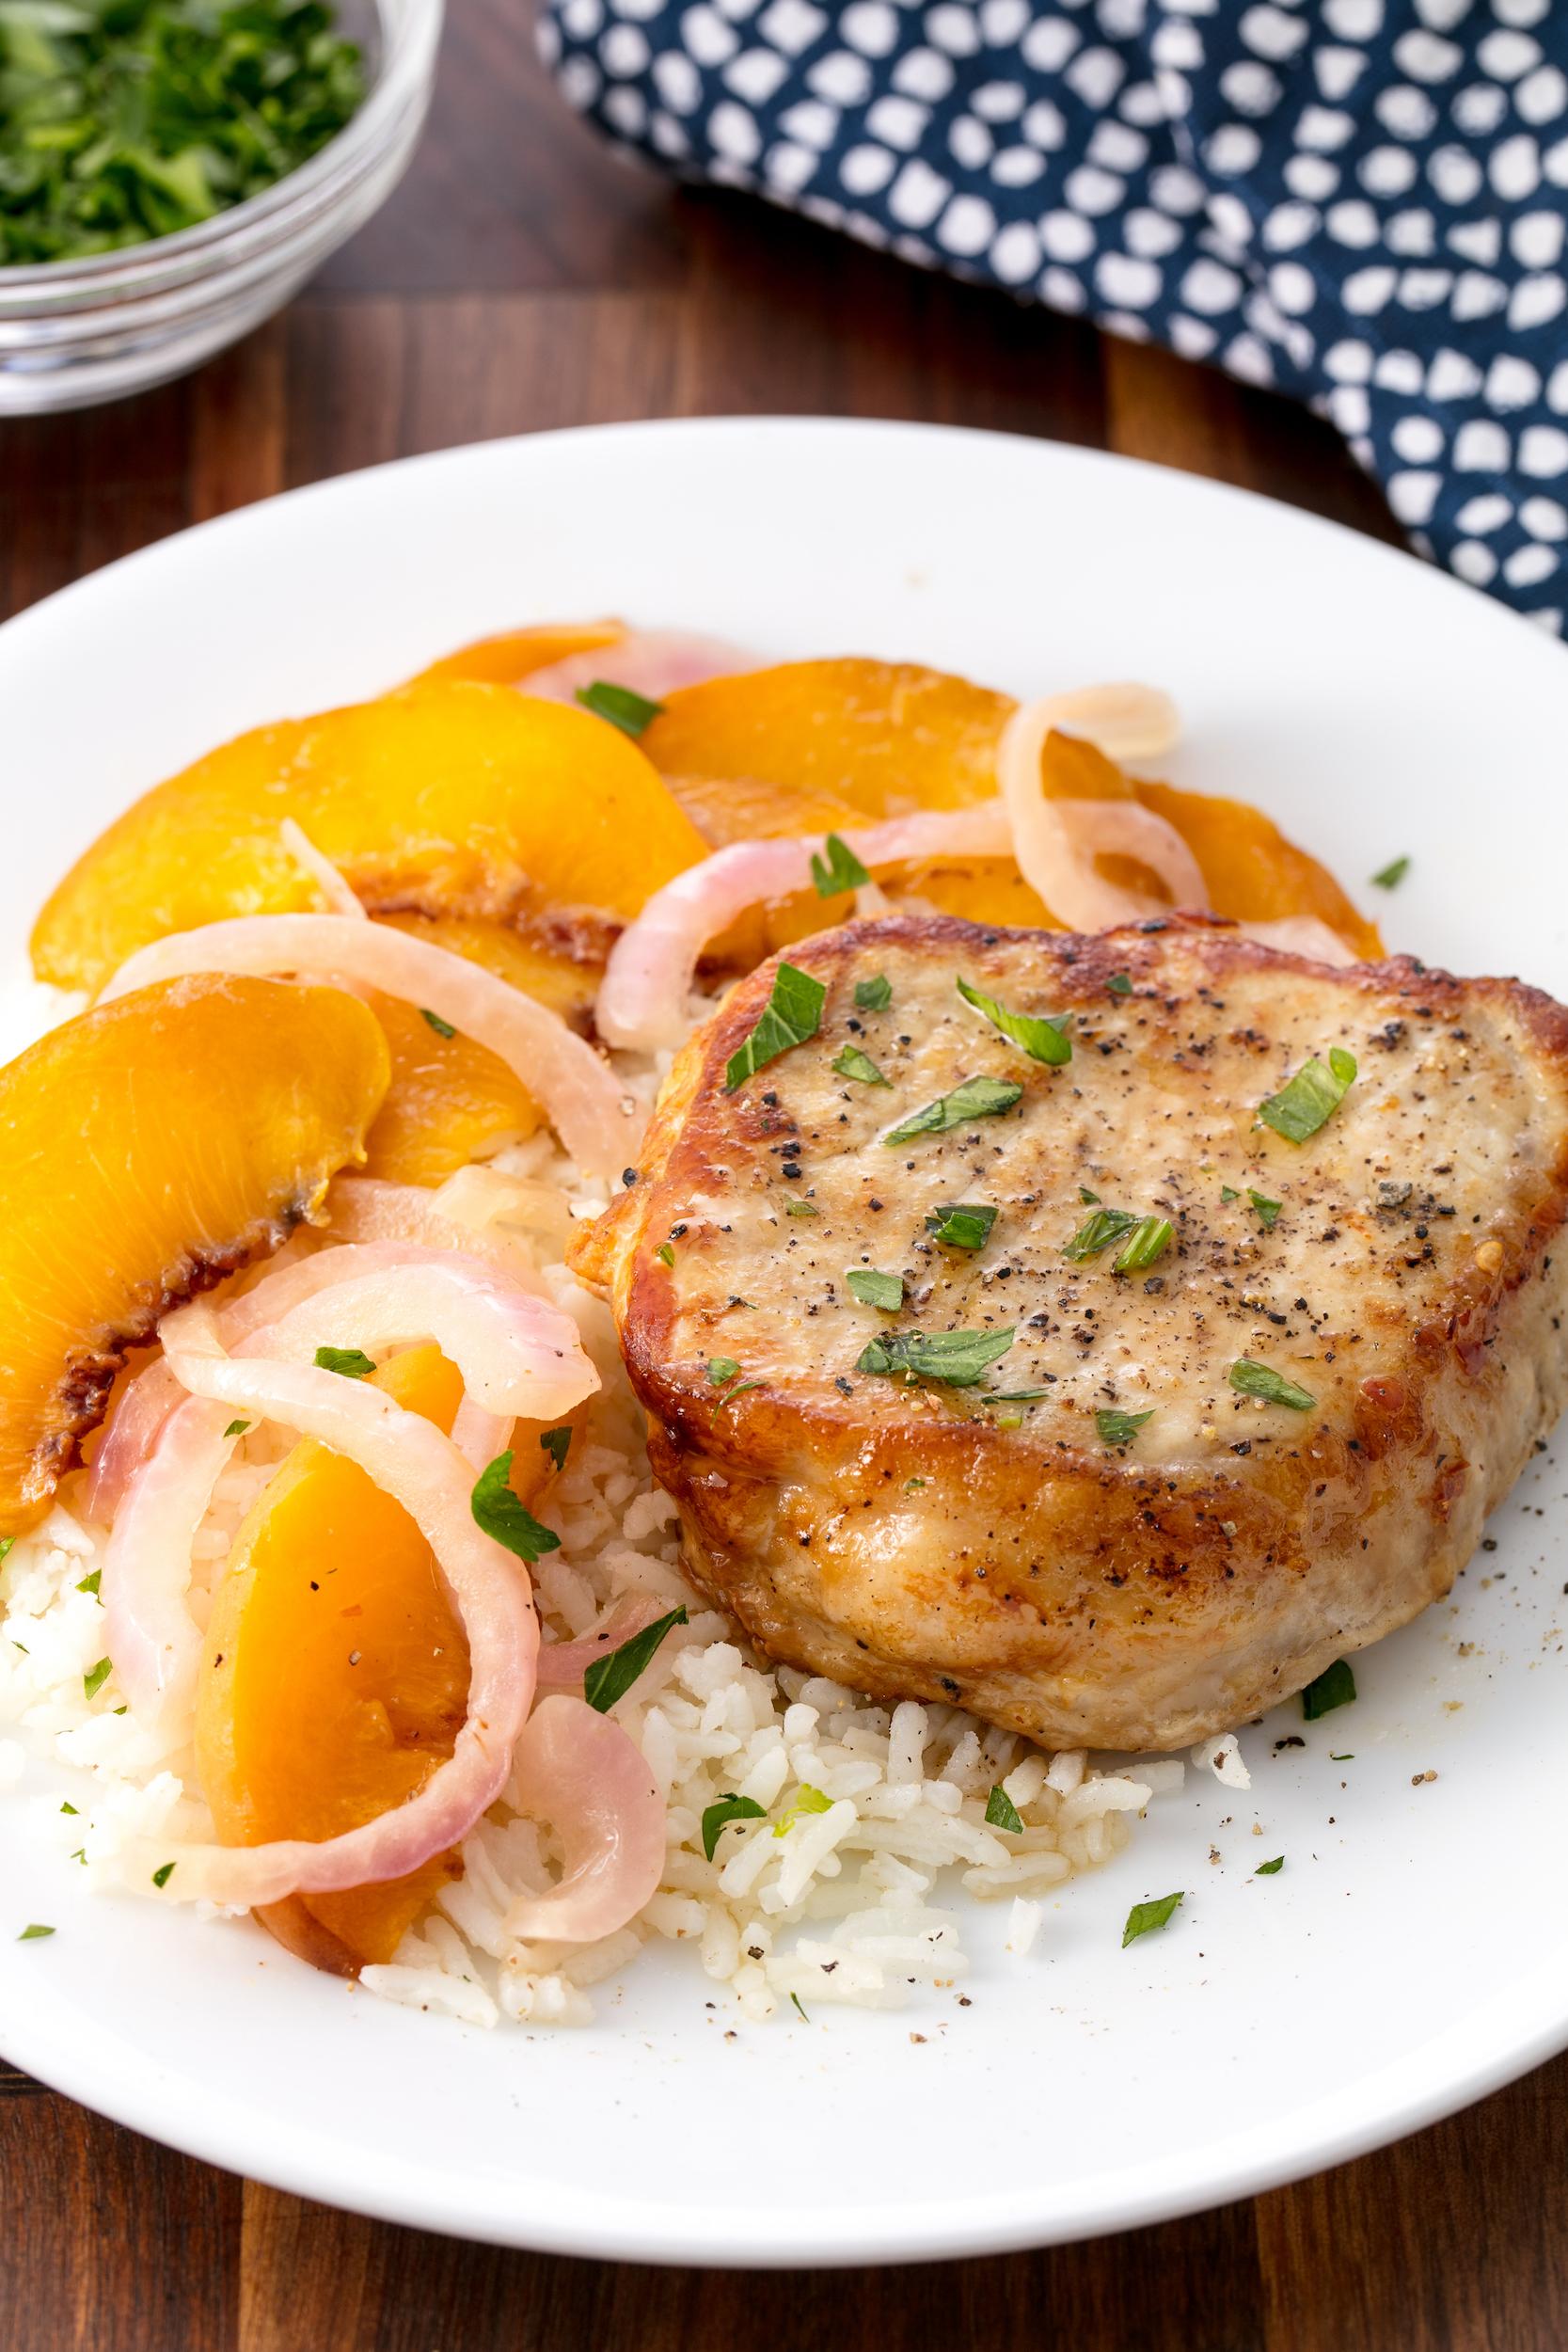 20 Best Pork Chop Recipes How To Cook Pork Chops Delish Com